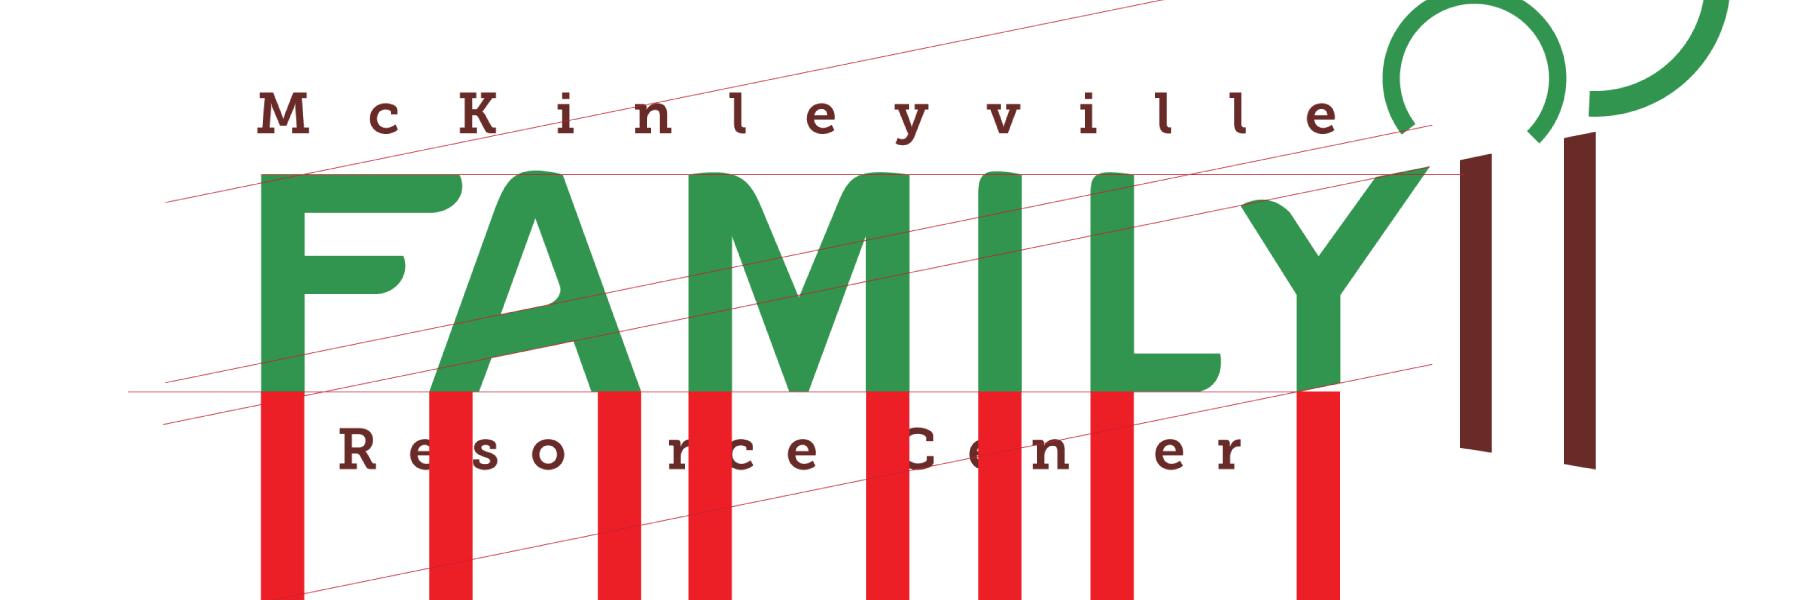 Logo typographic work for McKinleyville Family Resource Center